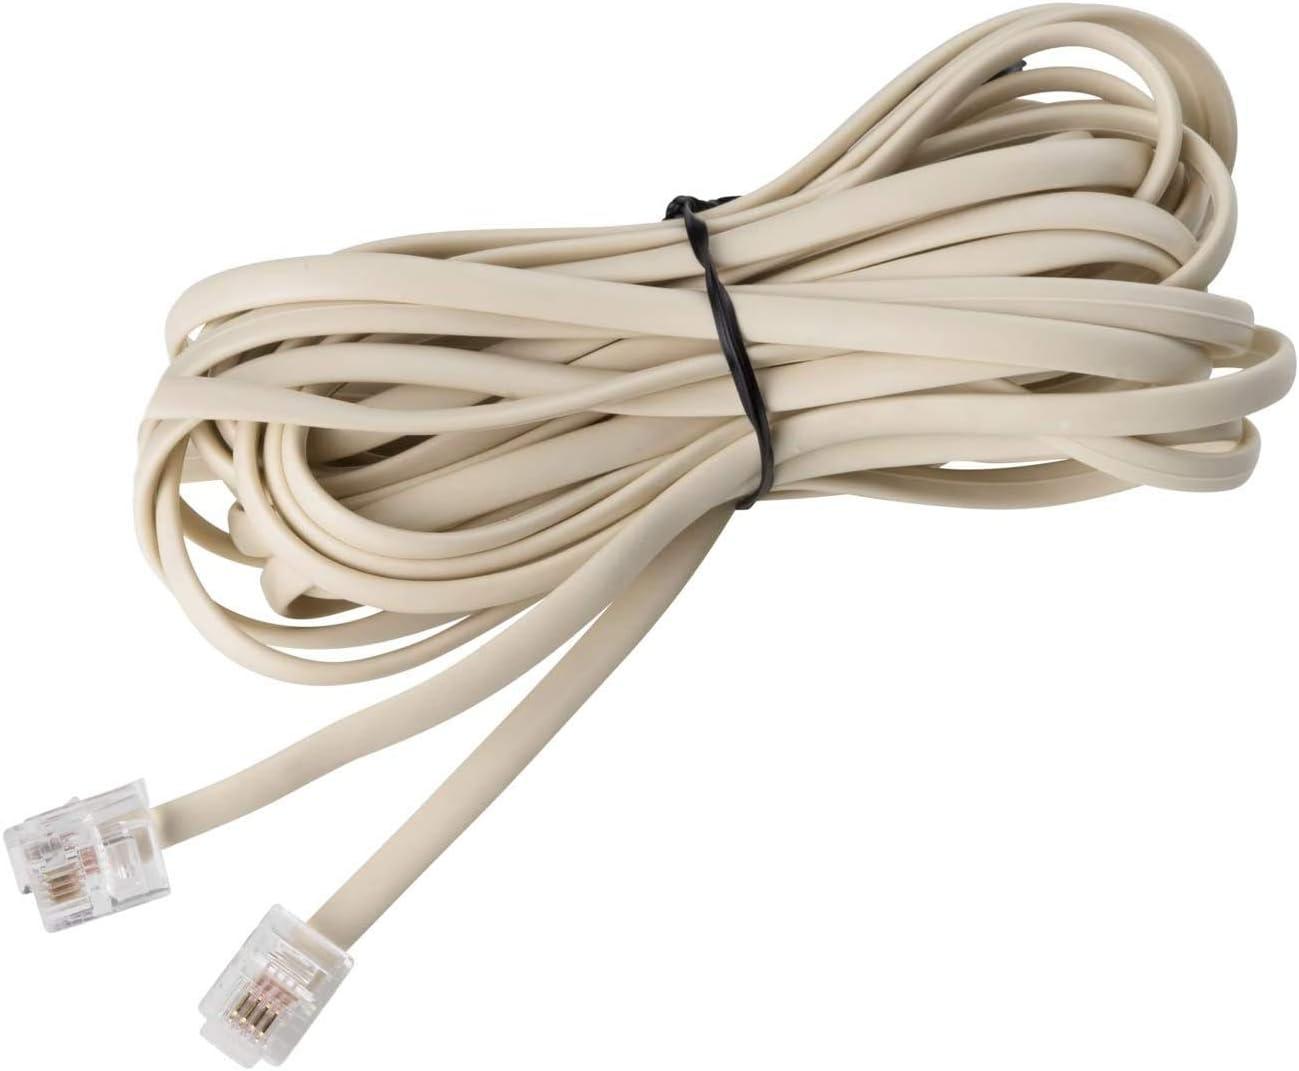 tel/éfono fijo con cancelaci/ón de ruido montado en la pared con altavoz para uso en el hotel de oficina en casa Tel/éfono con cable de 2 l/íneas con pantalla de identificaci/ón de llamadas entrantes